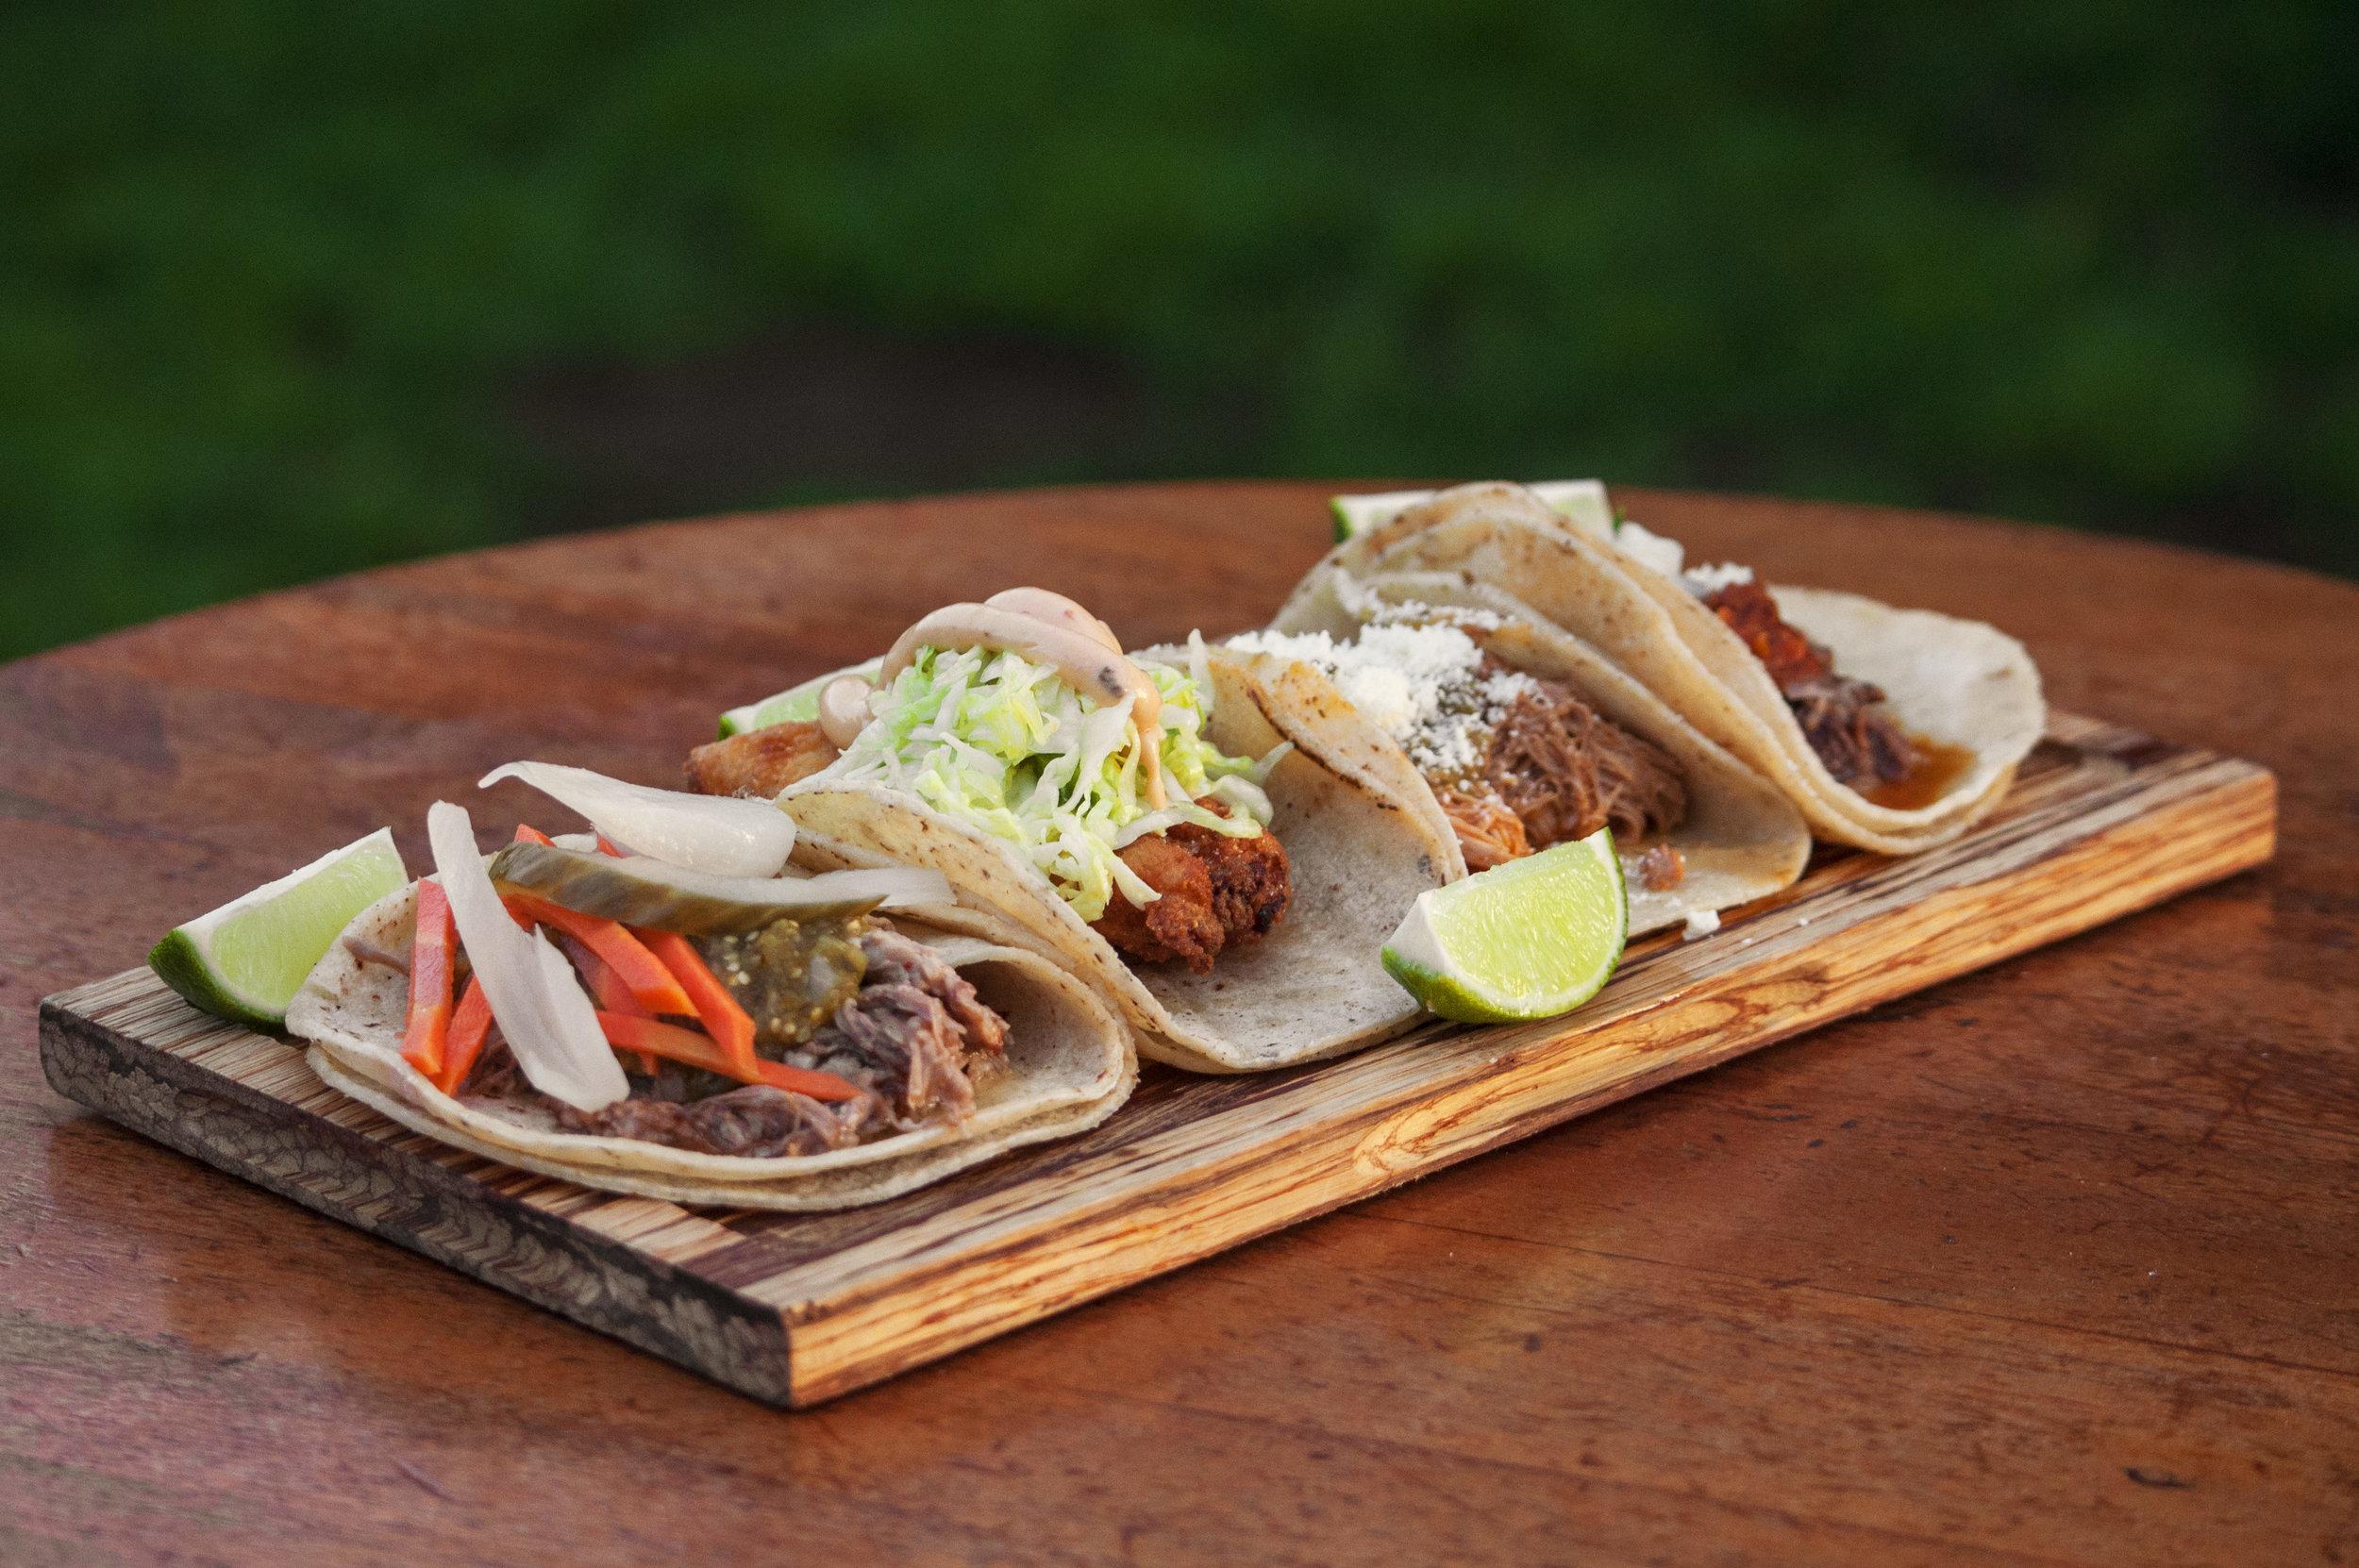 Park Chalet Tacos